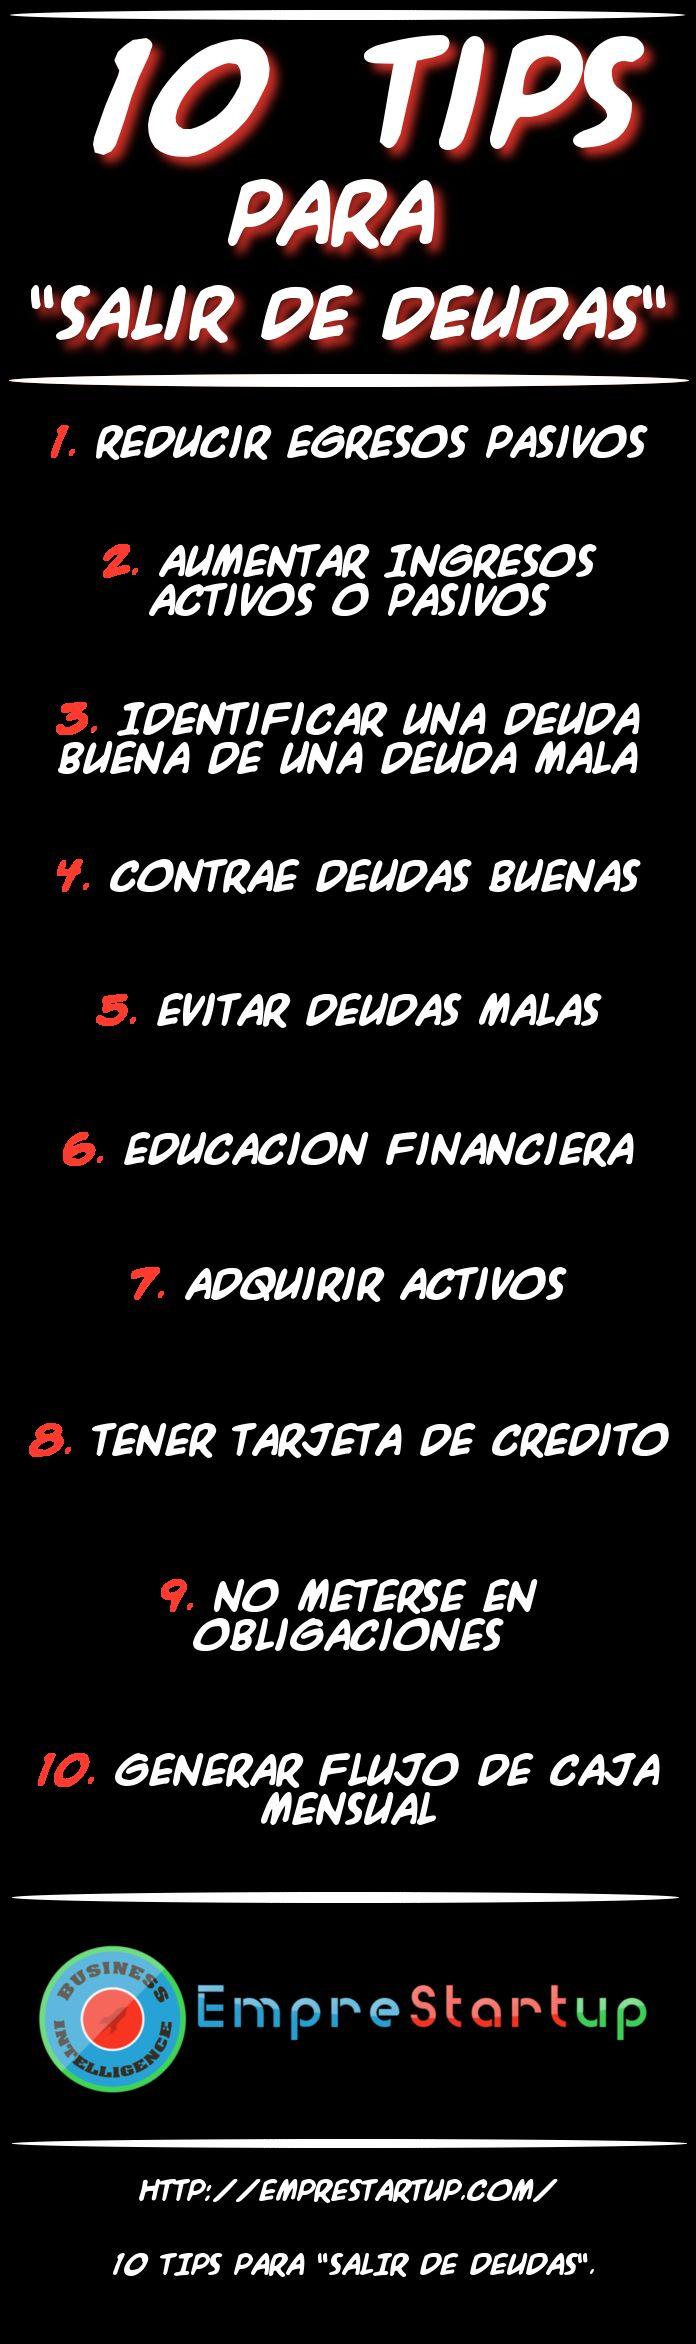 ¿Quiere olvidarse de las deudas?; Entonces implemente estos 10 Tips para salir de deudas. #Finanzas #Deudas